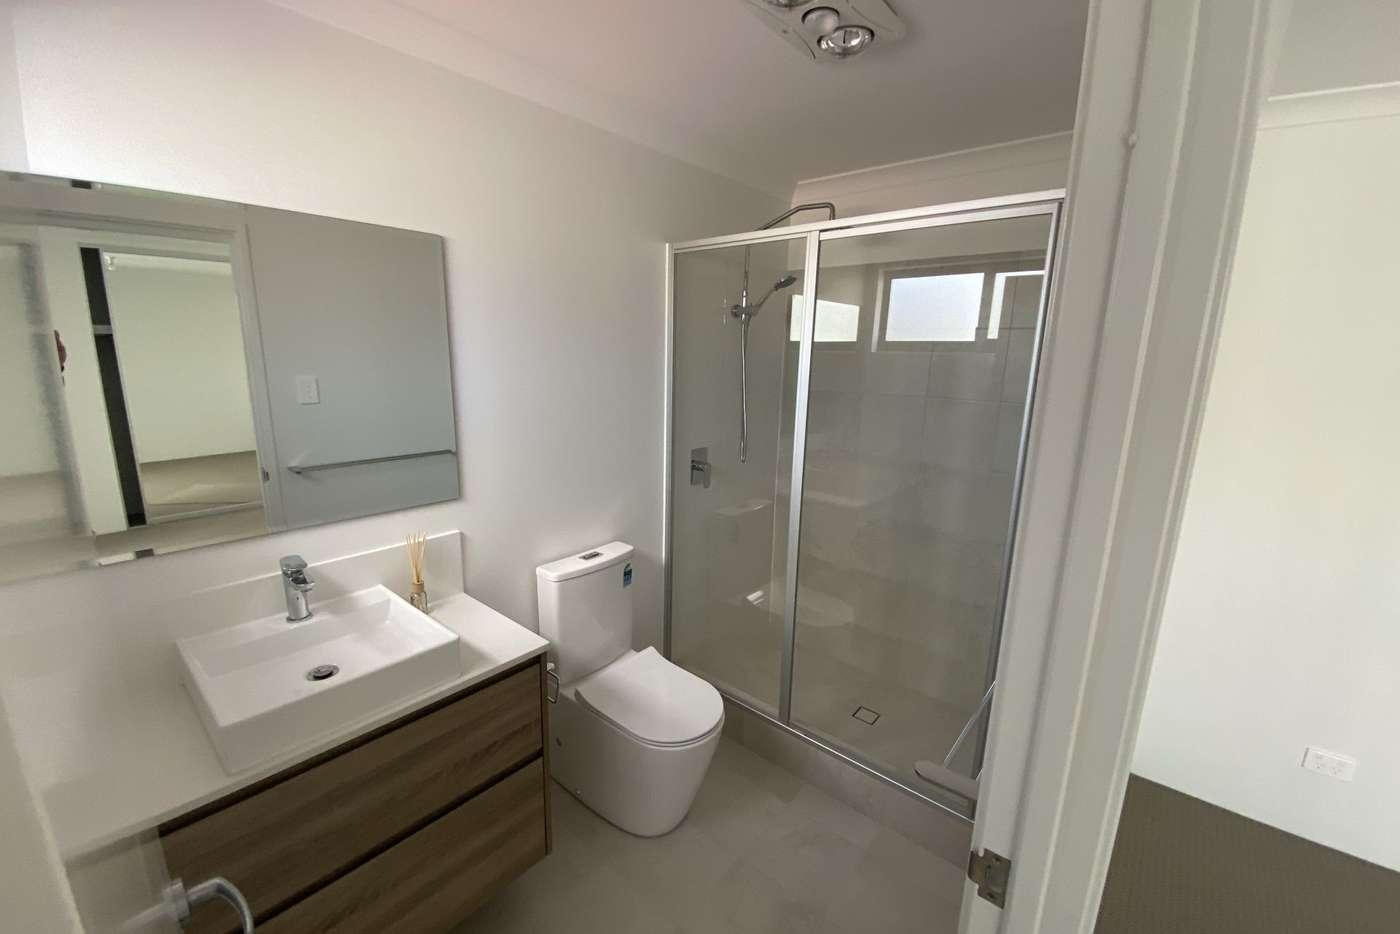 Sixth view of Homely villa listing, 3/88 North Lake Road, Myaree WA 6154